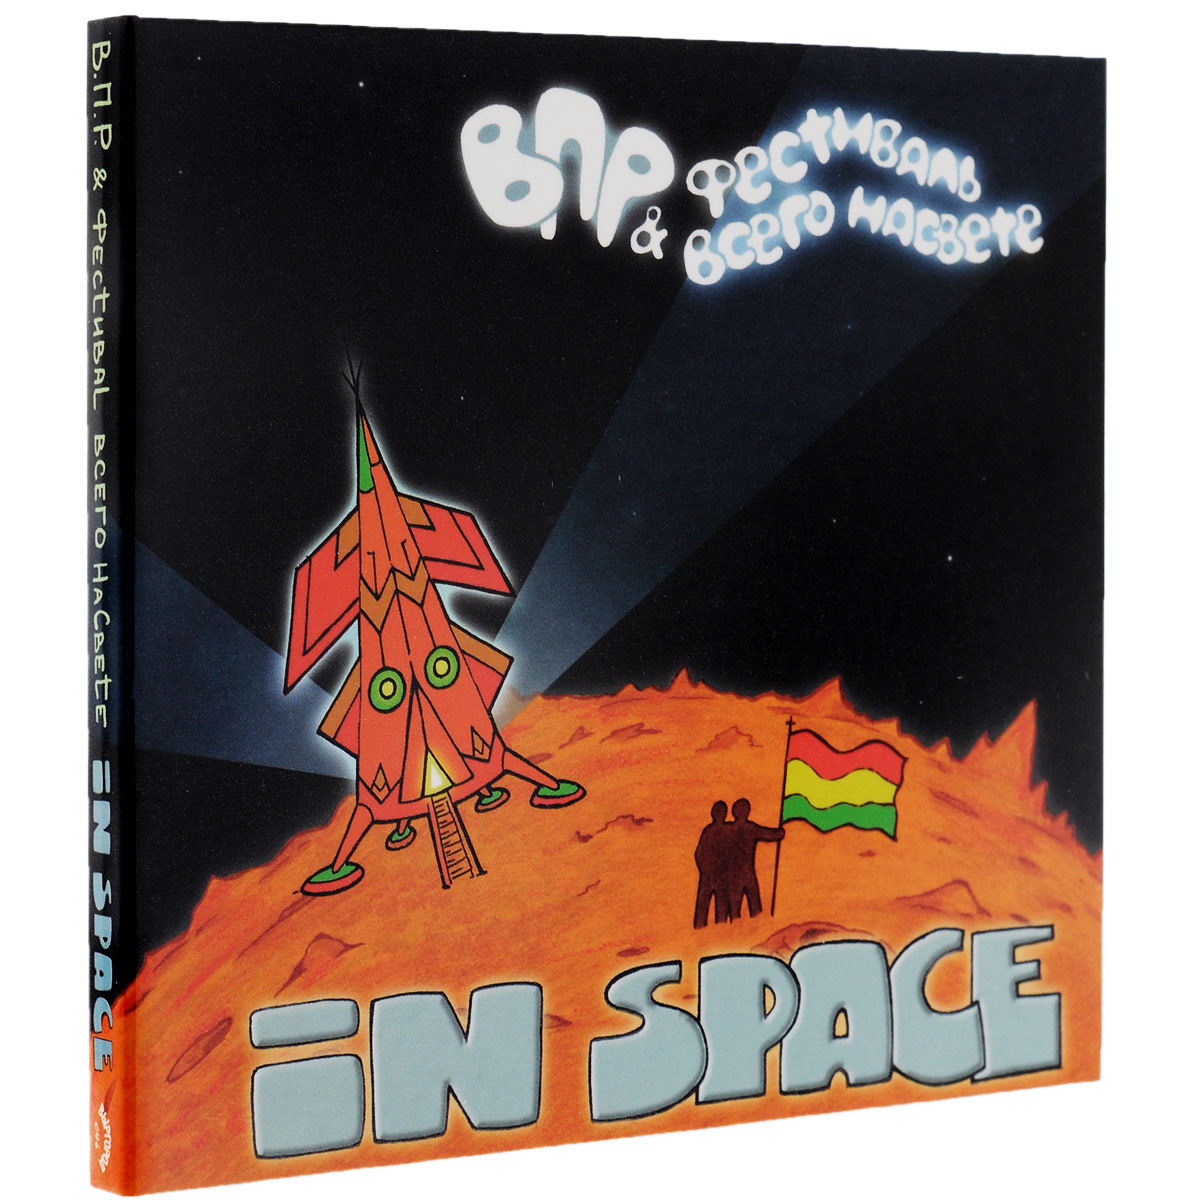 ВПР & Фестиваль всего насвете ВПР & Фесtиваль всего на свеtе. In Space toys in space